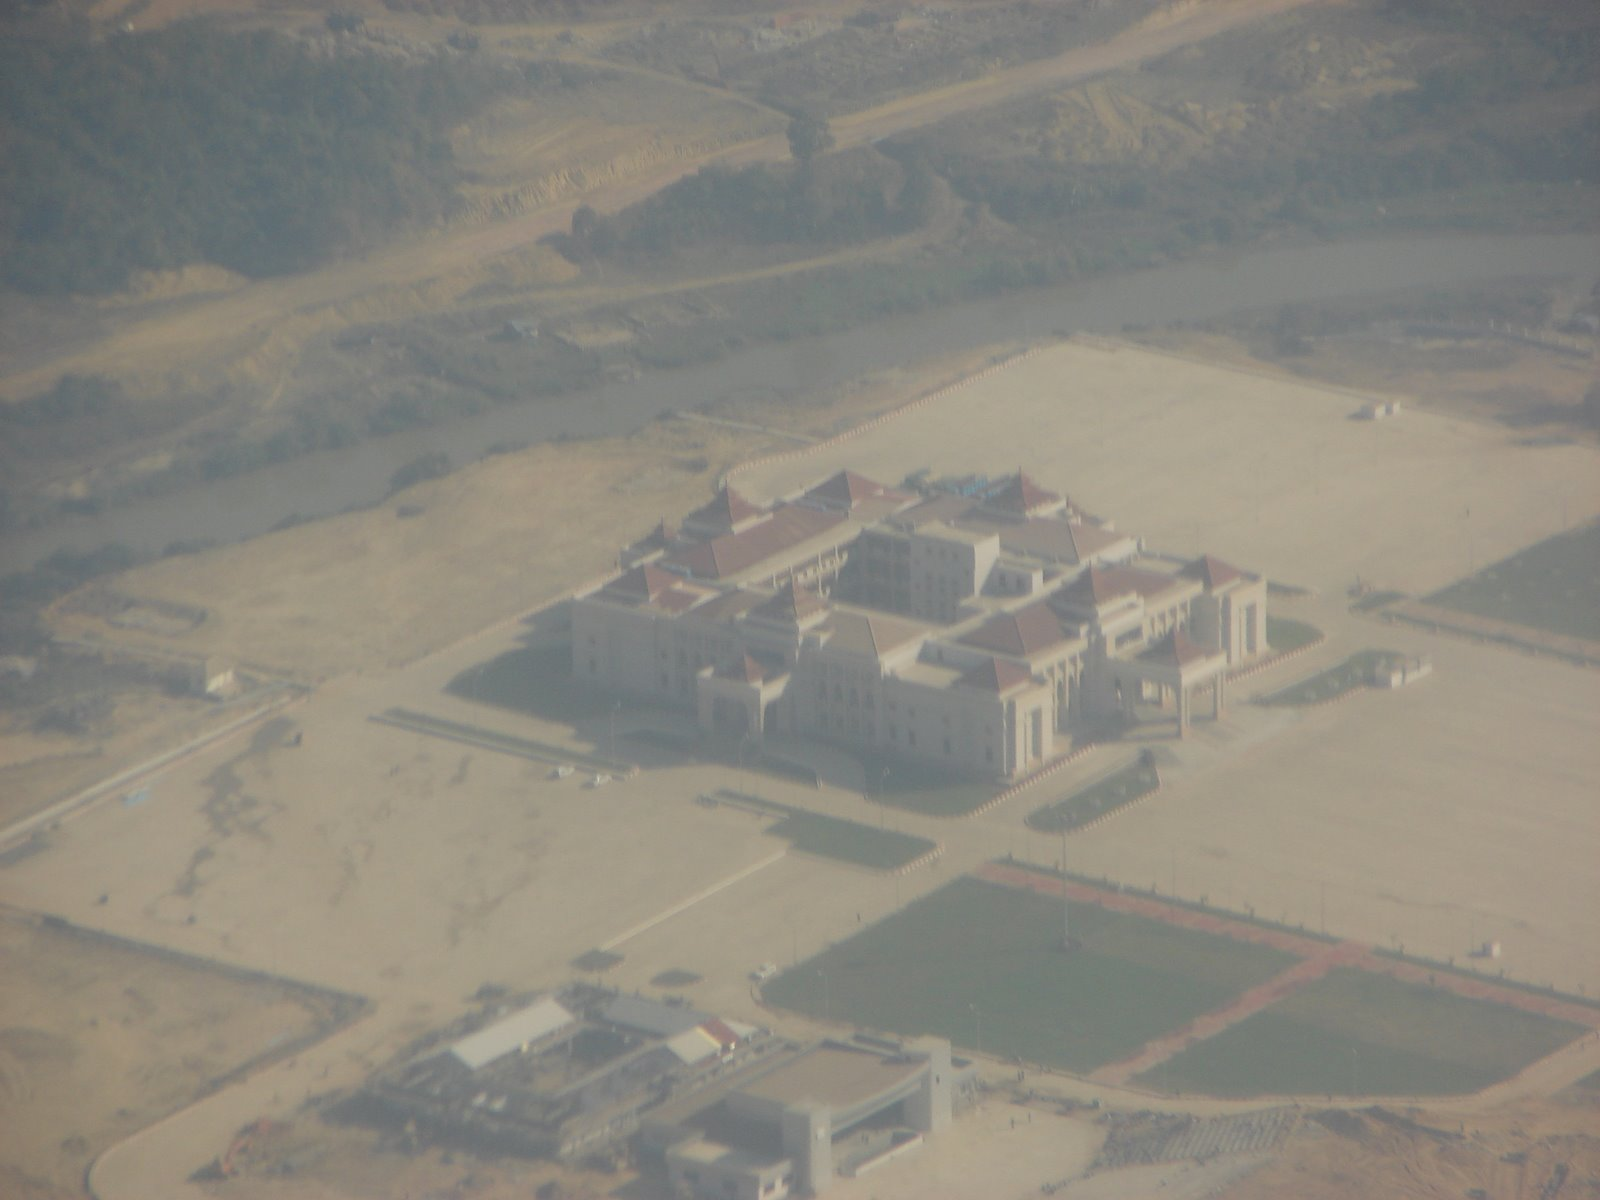 [Myanmar-Napyitaw-Jan+2006+041+--+aerial+view+of+major+building,+purpose+not+known.jpg]